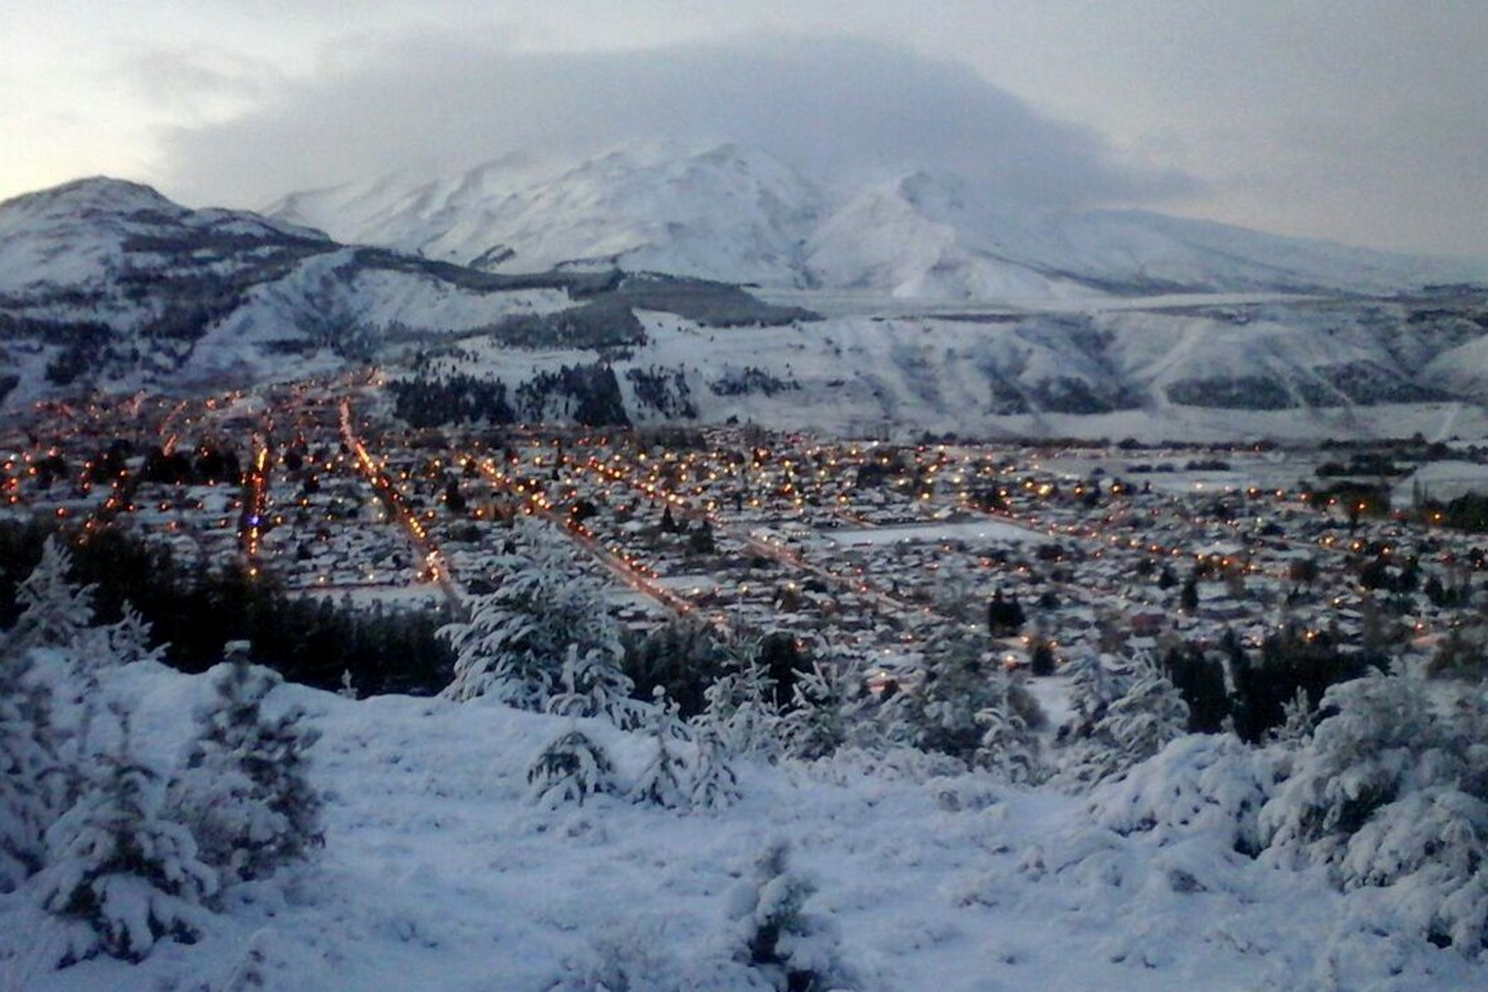 El furor por el esquí en La Hoya congrega a 2.000 visitantes al día!